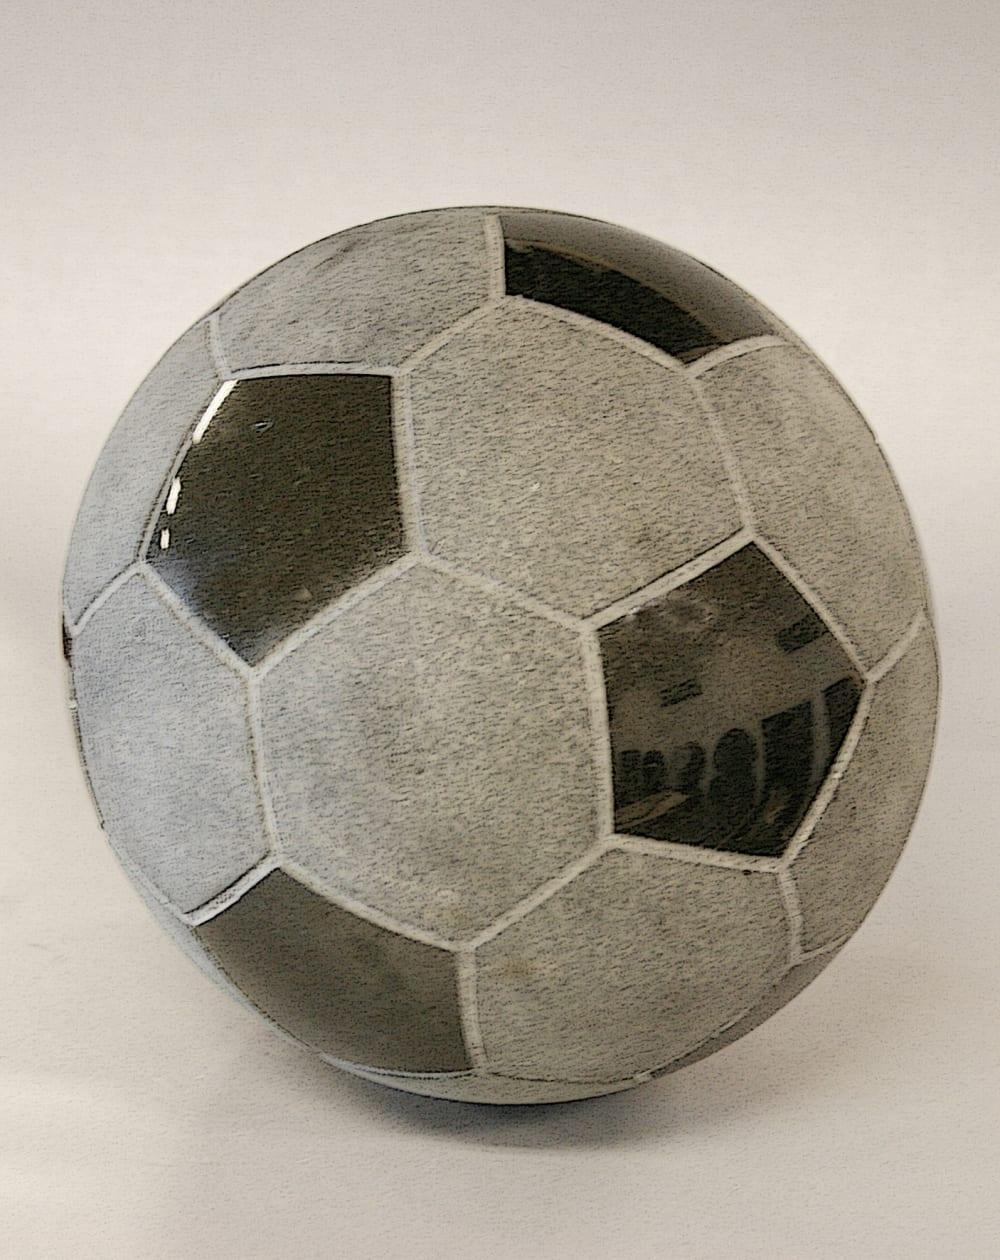 Granieten voetbal